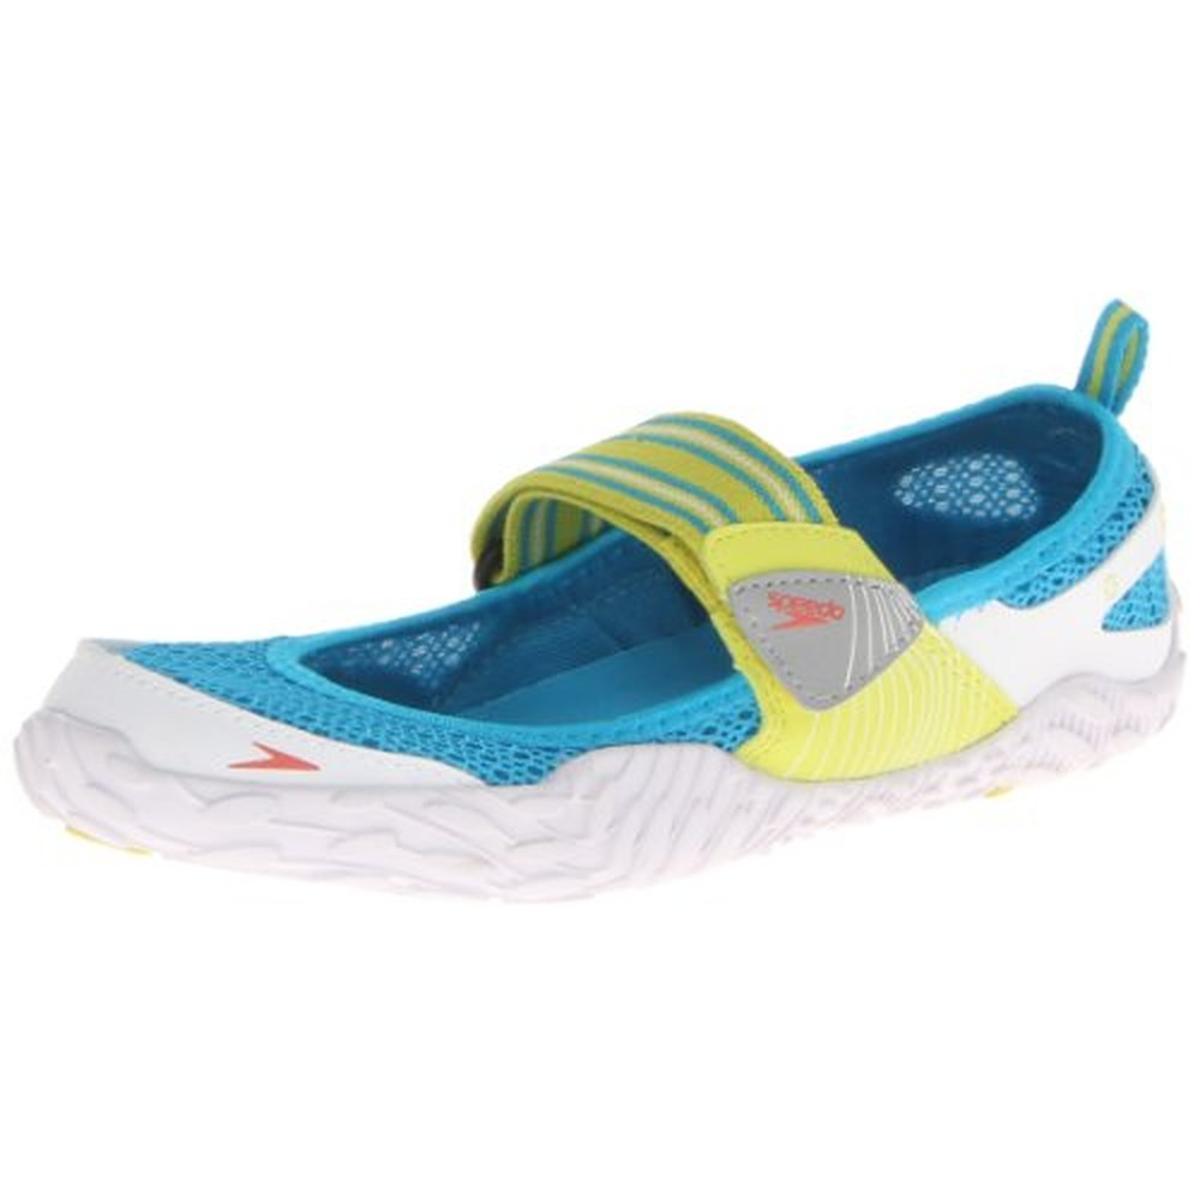 speedo 2196 womens sport mesh water shoes